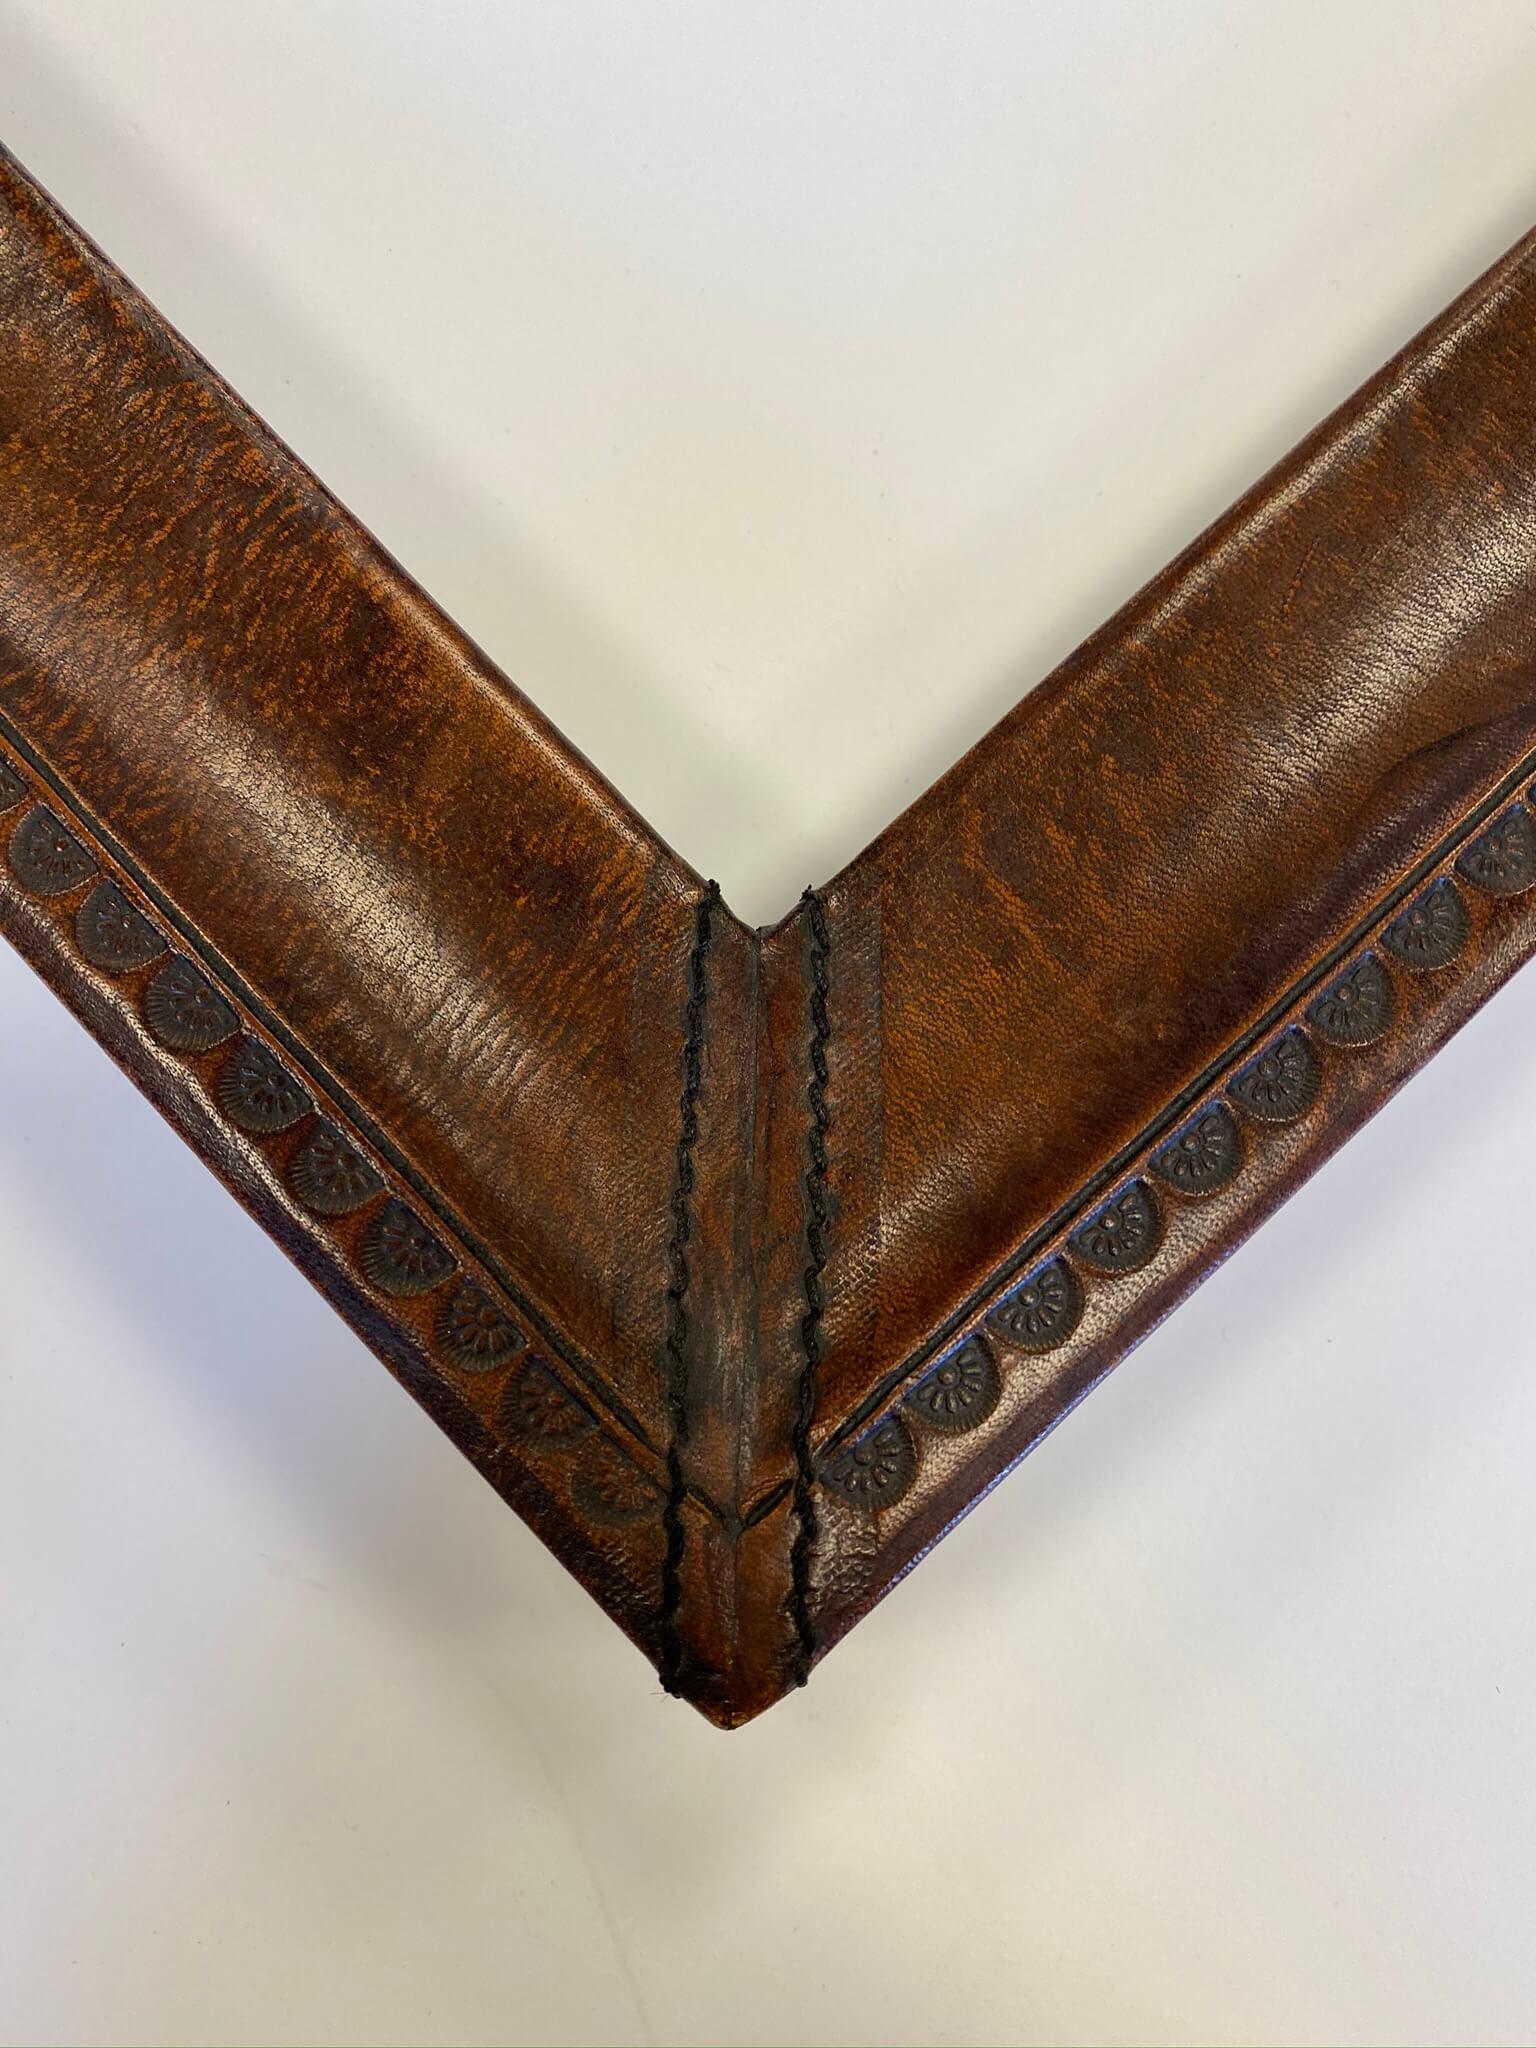 Custom brown leather frame, tooled design, April Hann Lanford, custom frames chicago, nashville custom framing